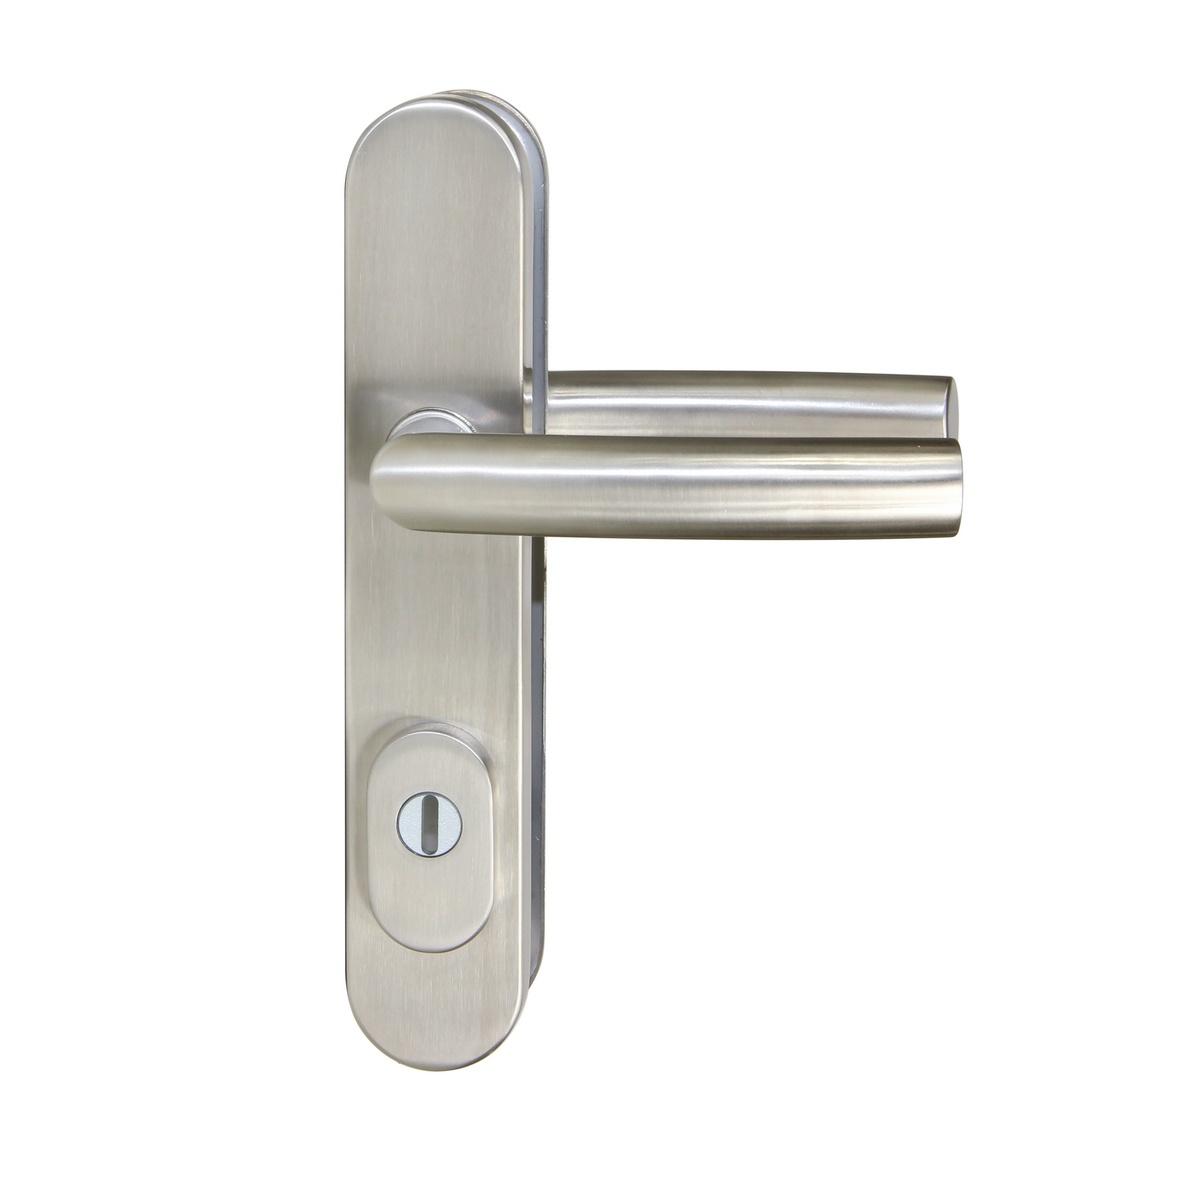 Dveřní bezpečnostní kování s klikou, R.711.ZB.72.N.TB4